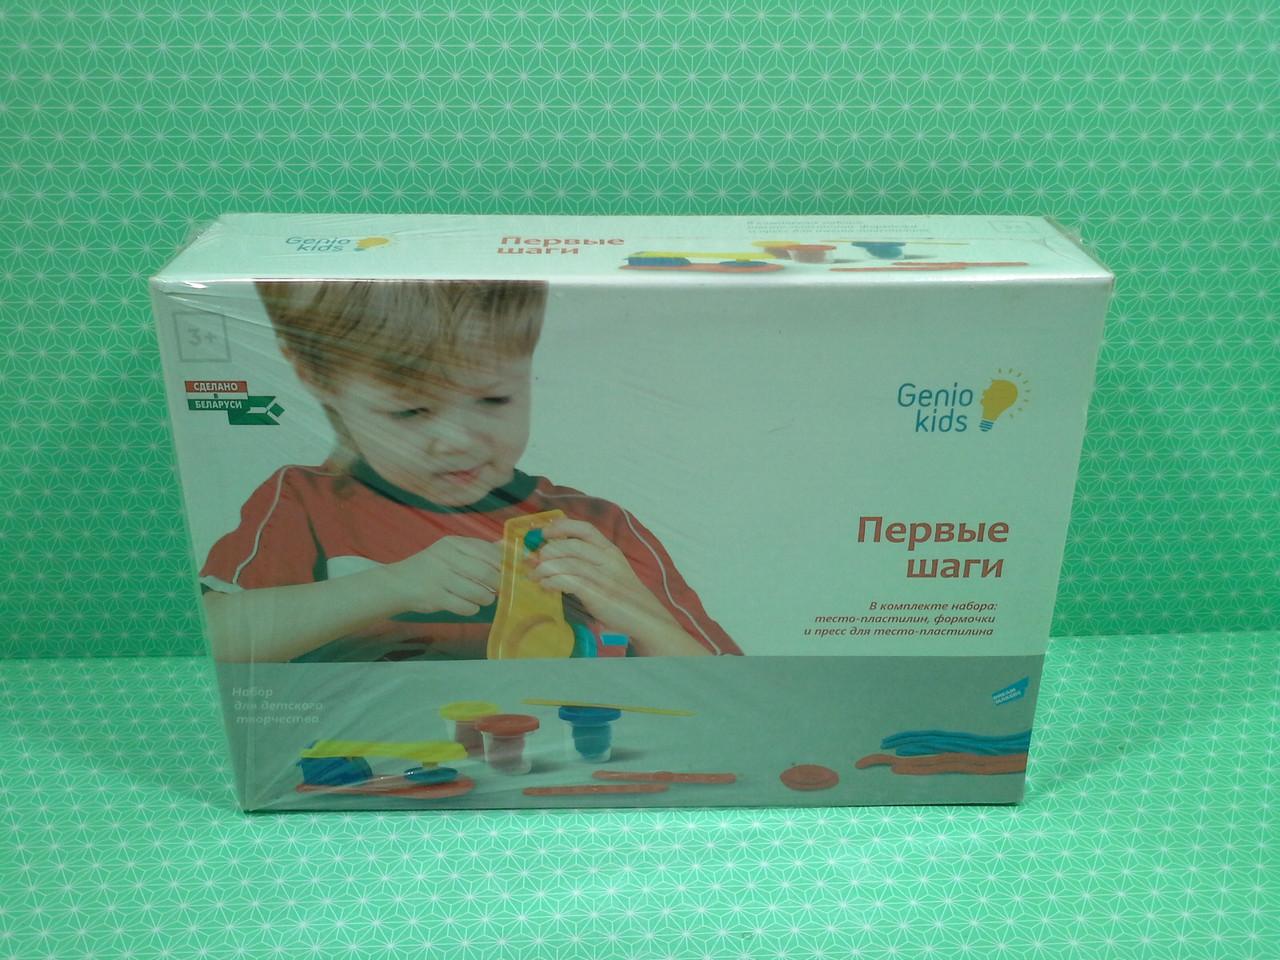 GenioKids Набір для дитячого ліплення Перші кроки